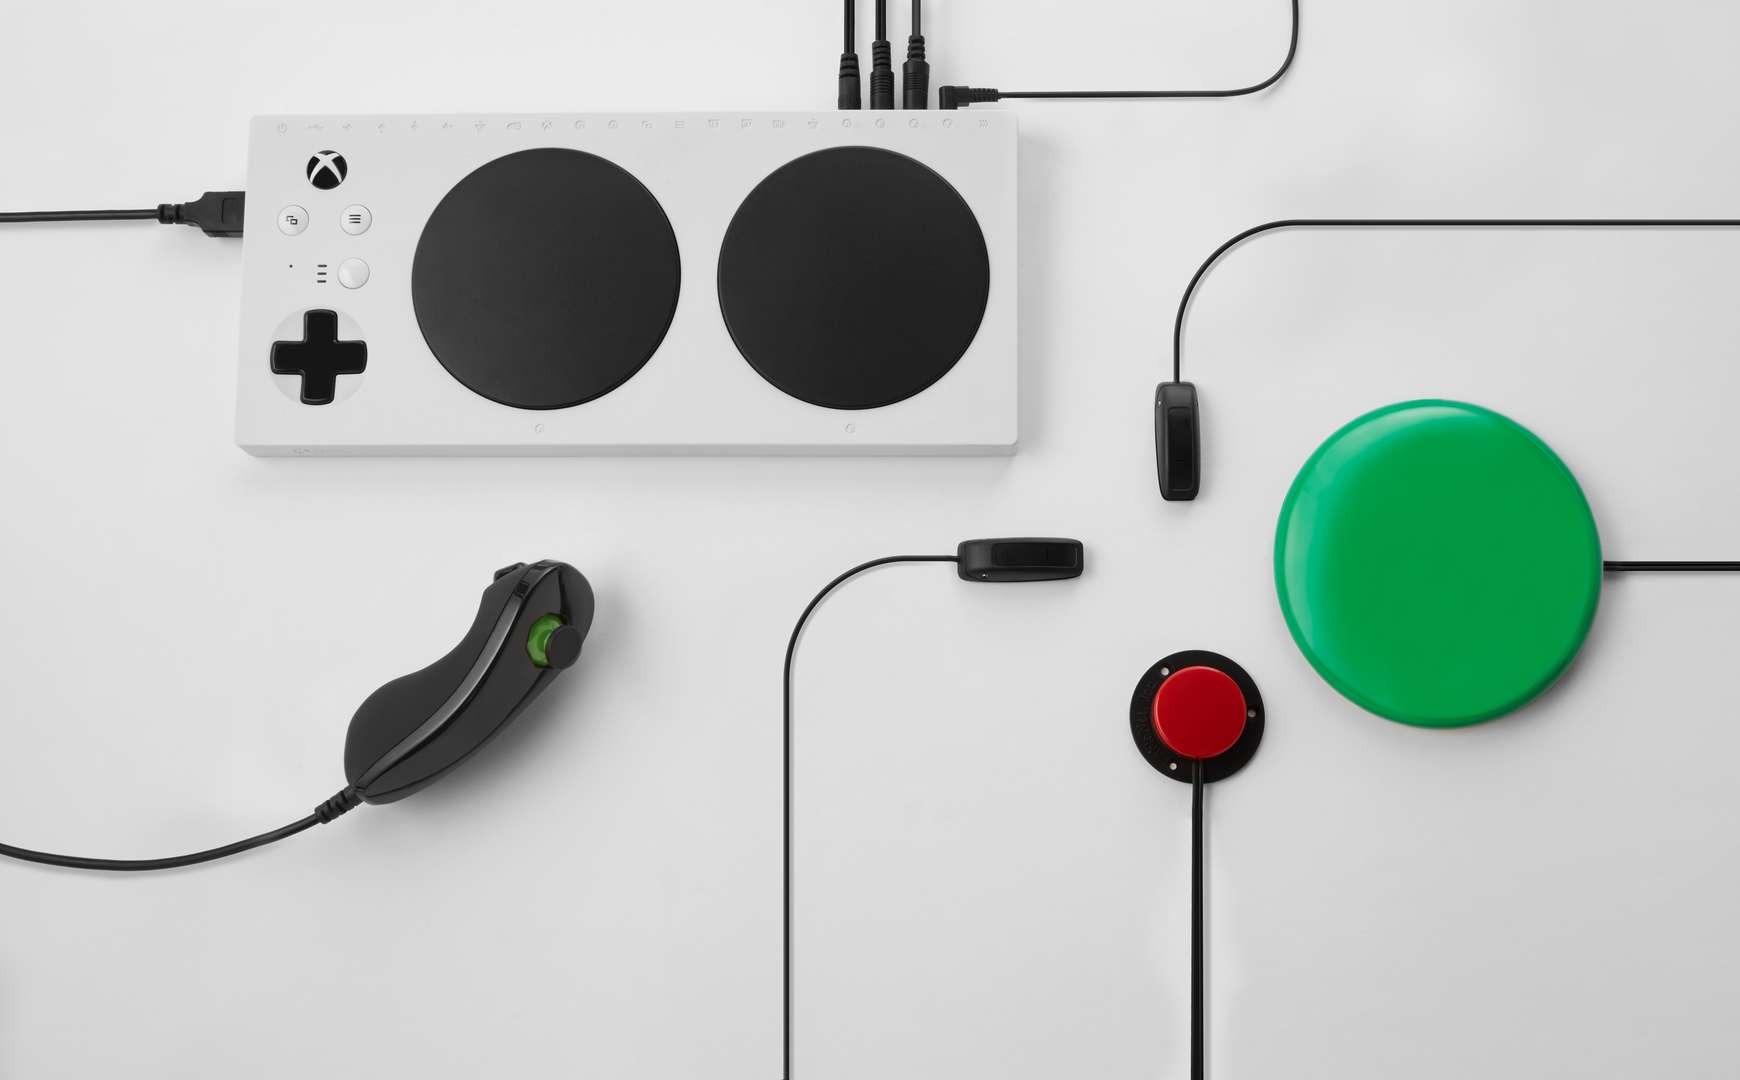 accessibilità videogiochi xbox adaptive controller